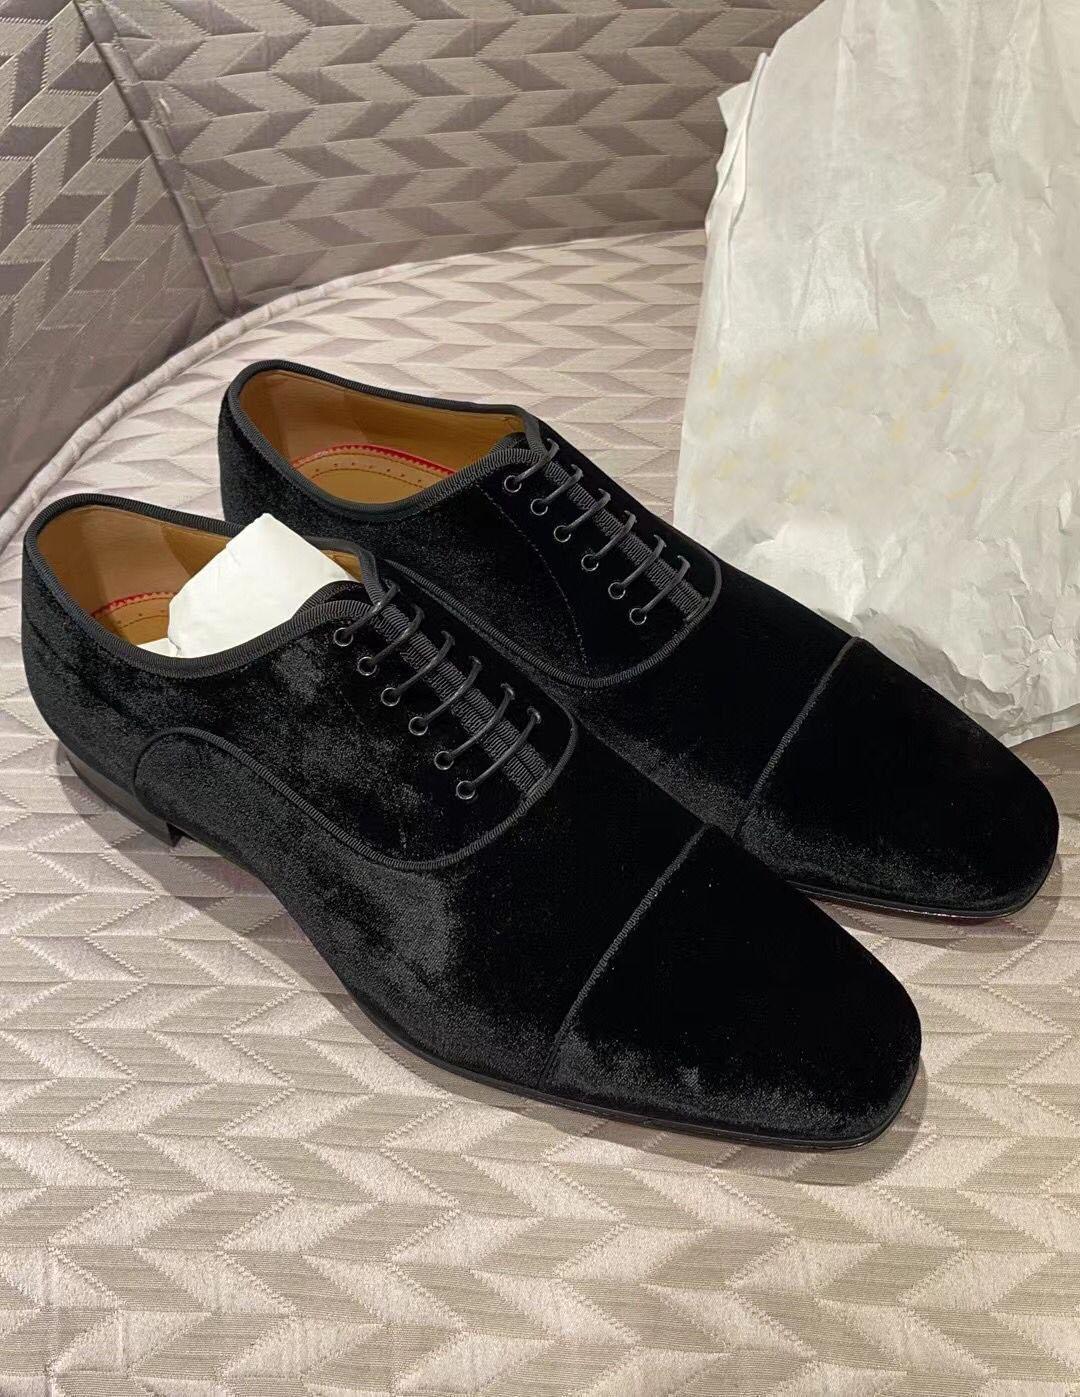 Elegante caballero vestido oxford zapatos marcas para hombre rojo bottm greggo orlato mocasines caminando pisos lujoso diseñador fiesta boda eu35-47